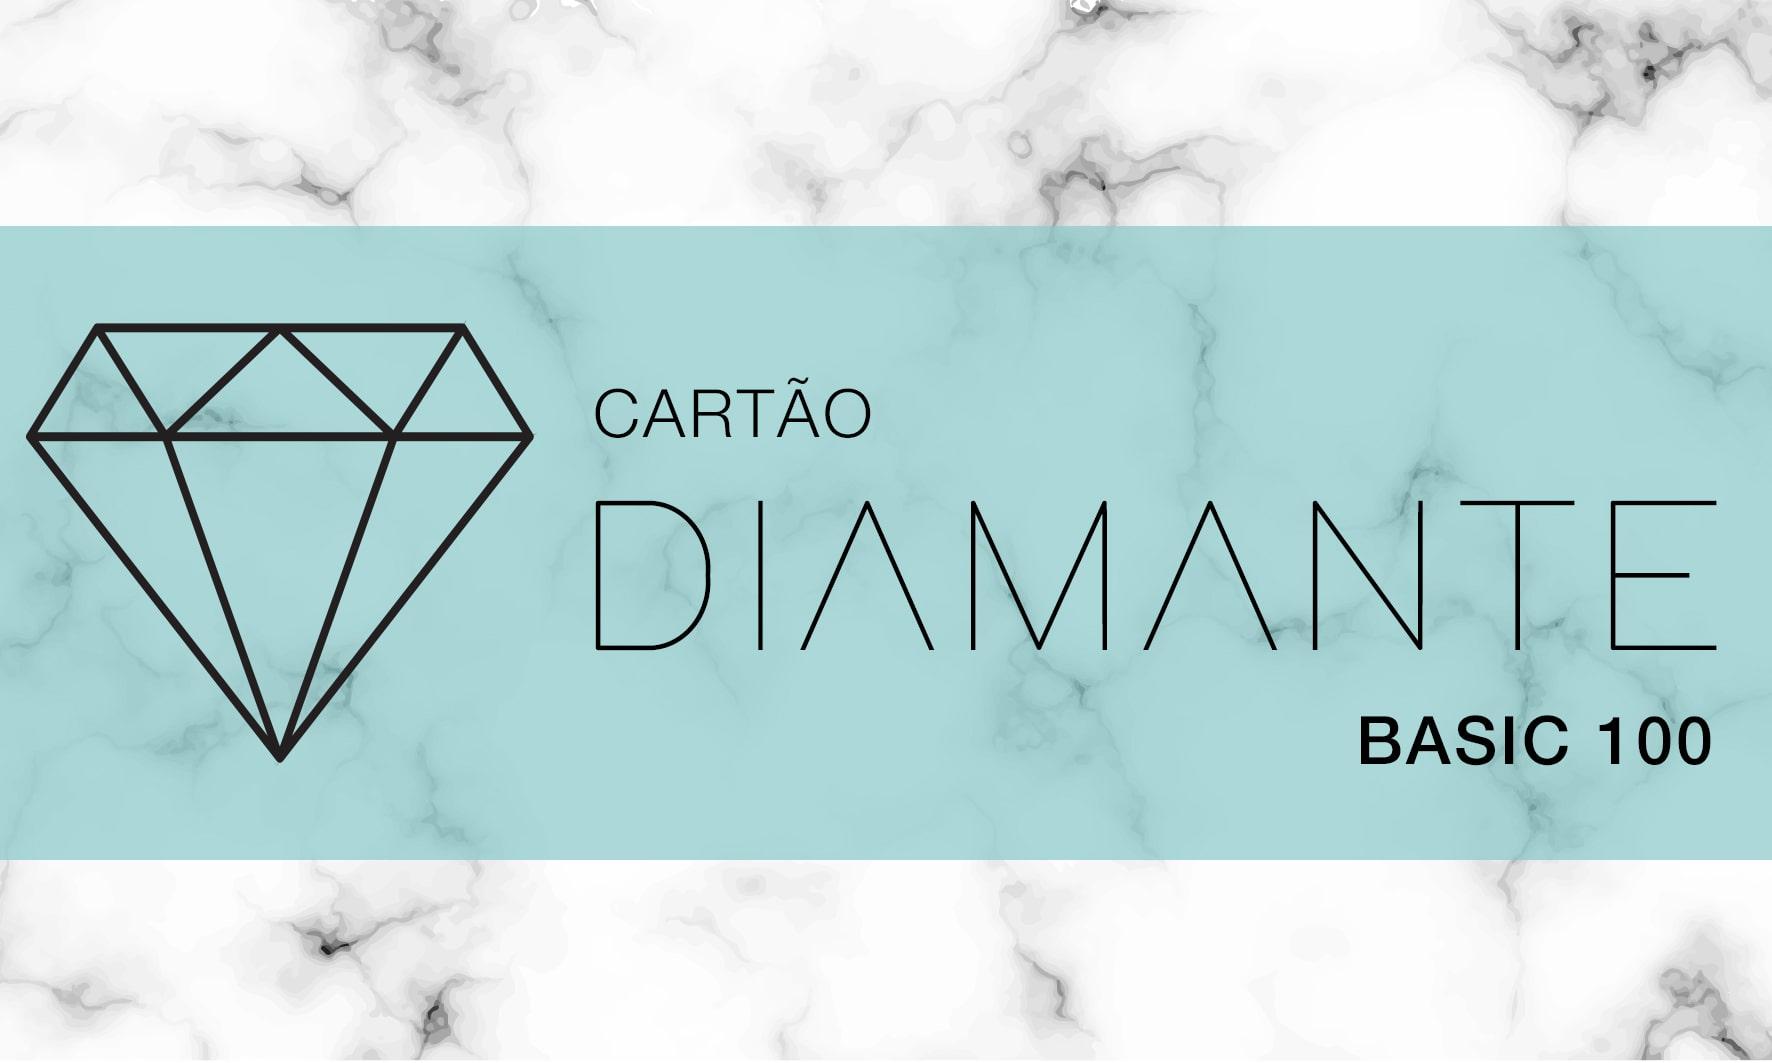 CARTAO DE CRÉDITO ESPECIAL!